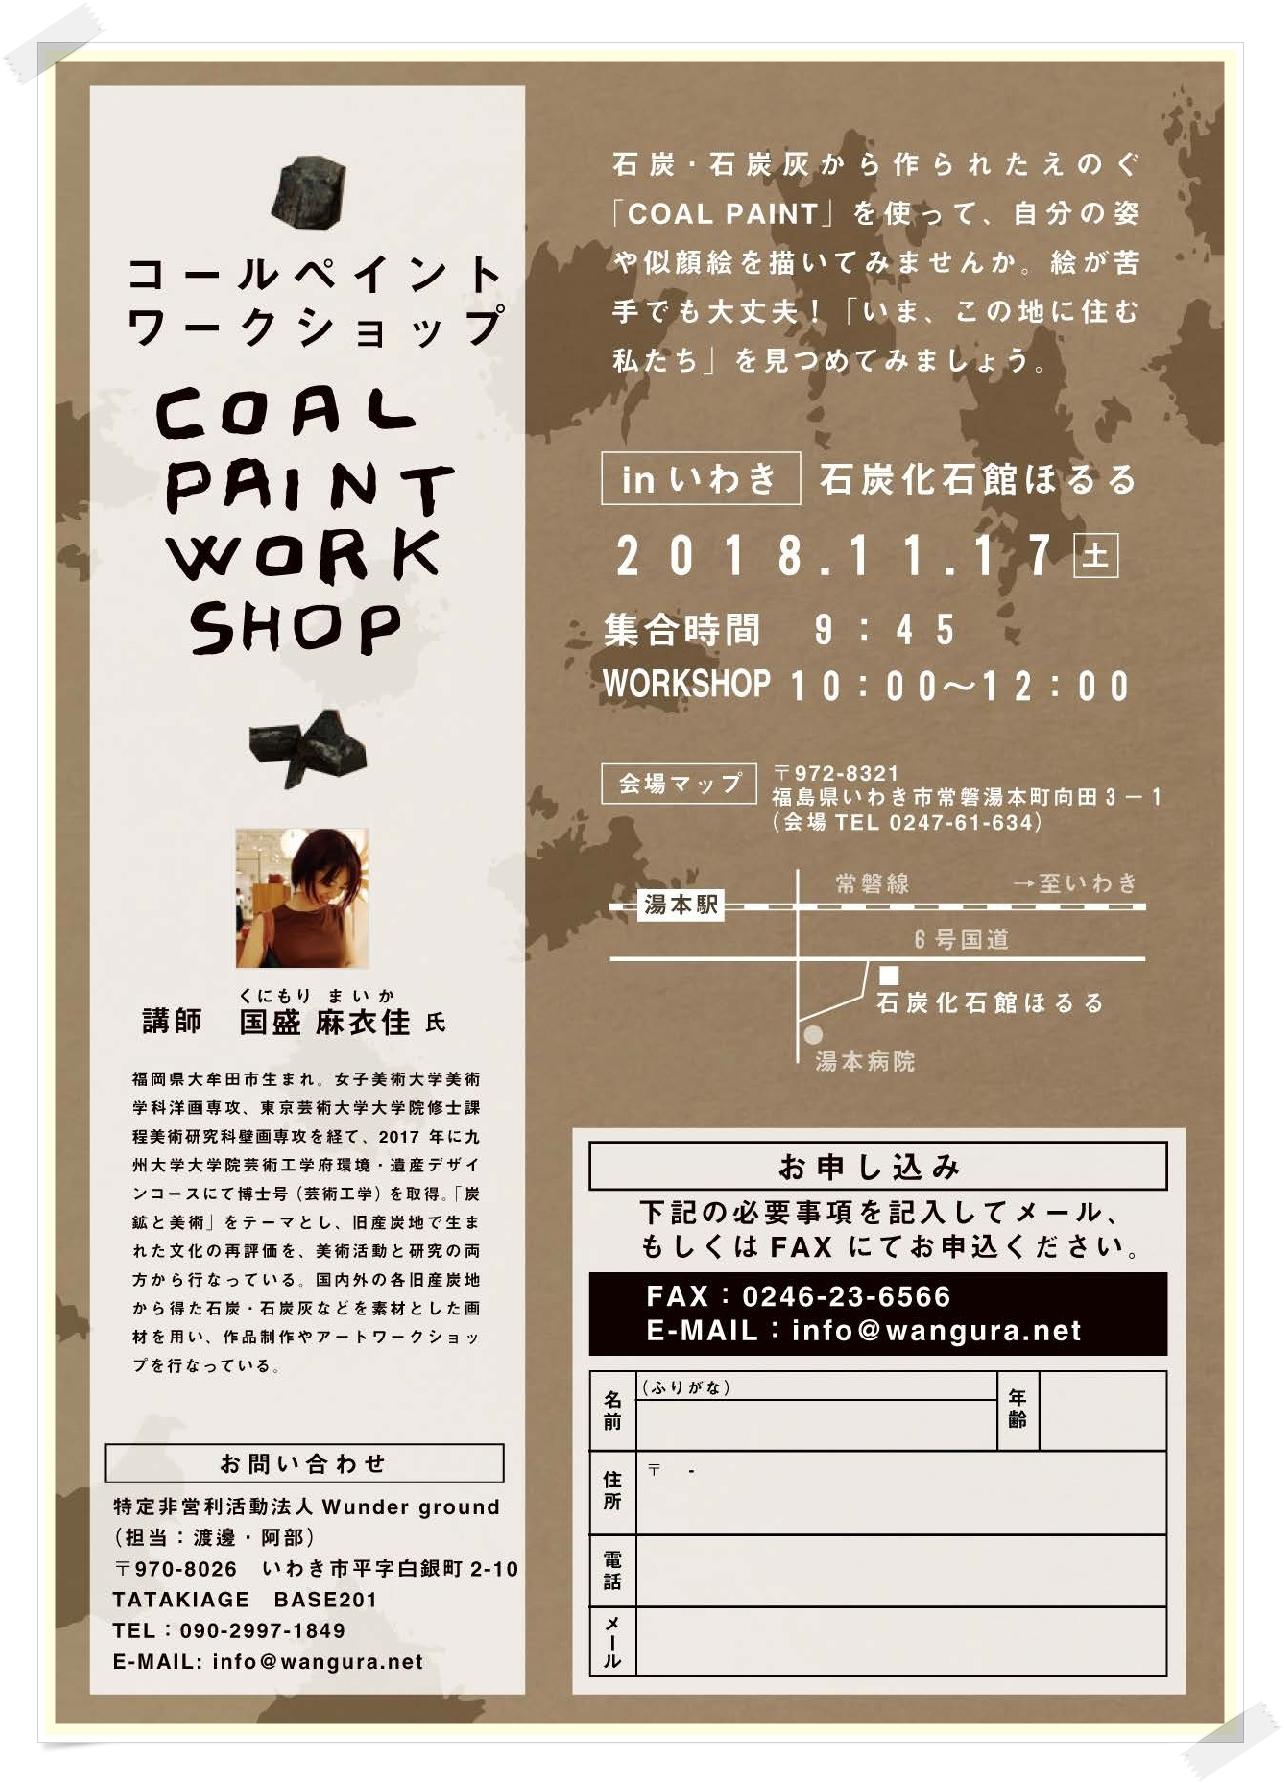 石炭・石炭灰でセルフポートレイトを描こう!「コールペイントワークショップ」開催します!! [平成30年11月12日(月)更新]2